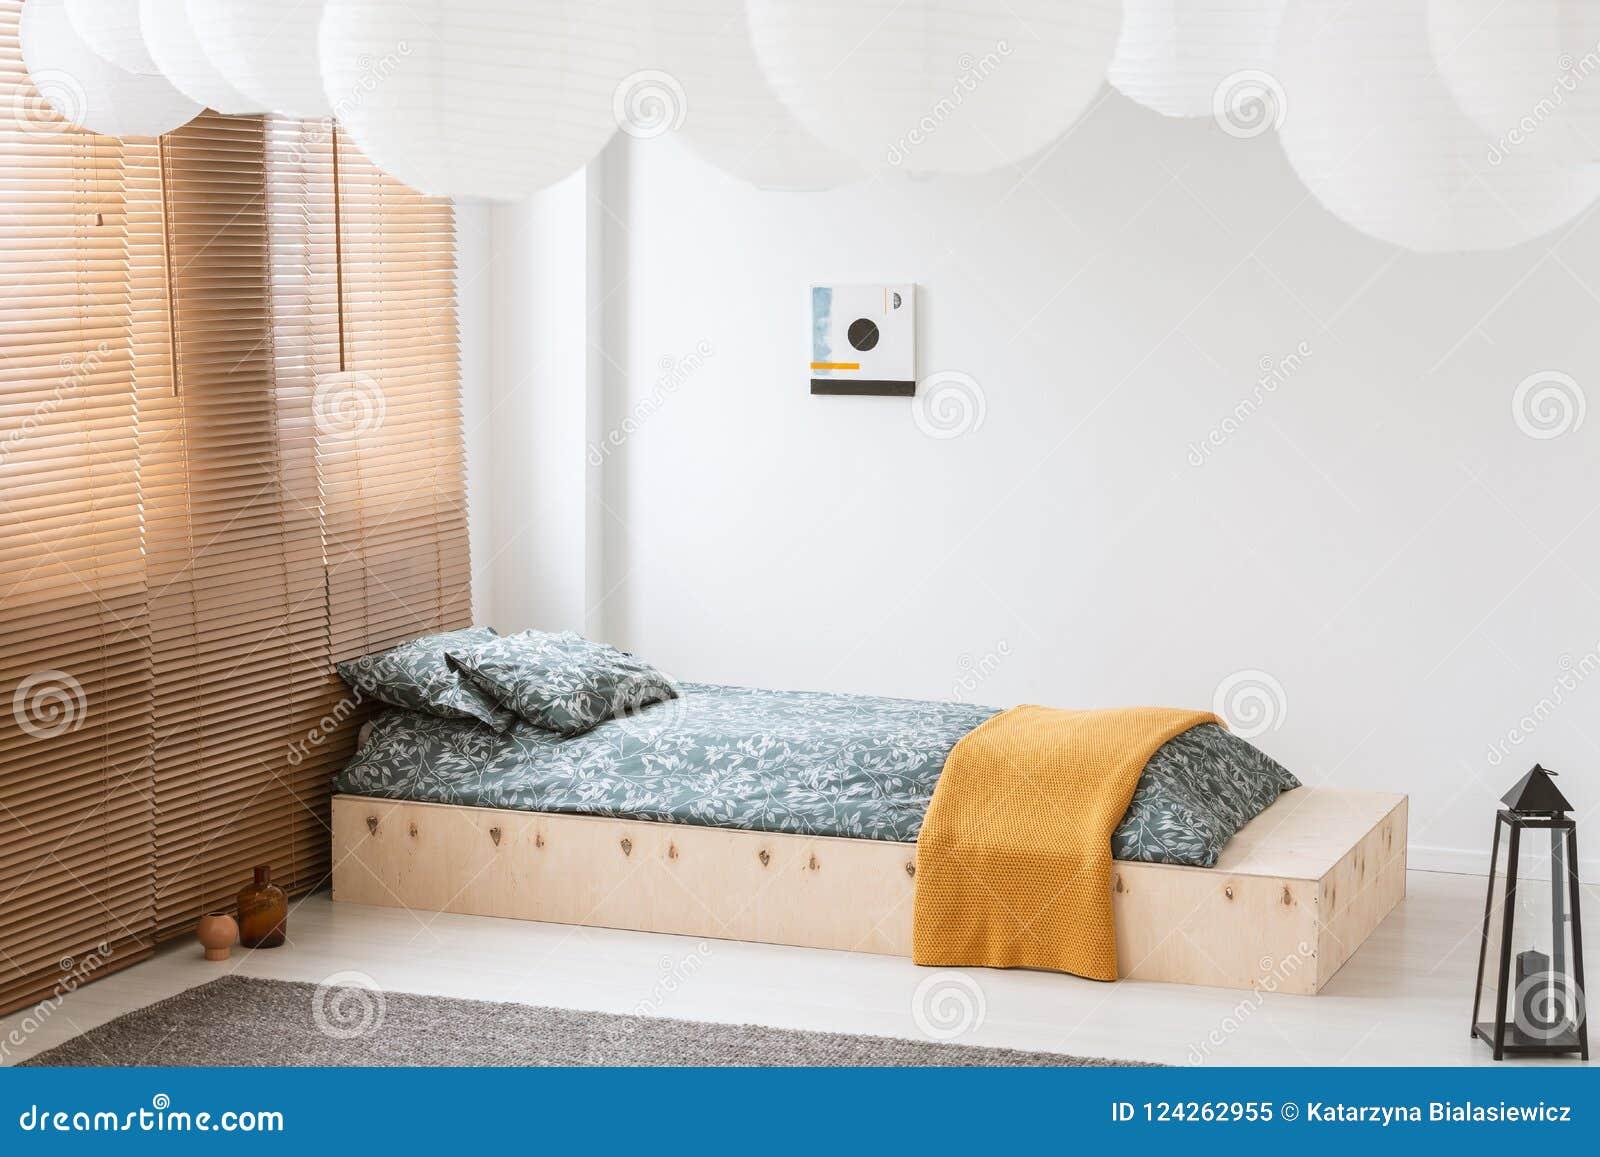 Couverture Orange Sur Le Lit En Bois Dans La Chambre à Coucher ...